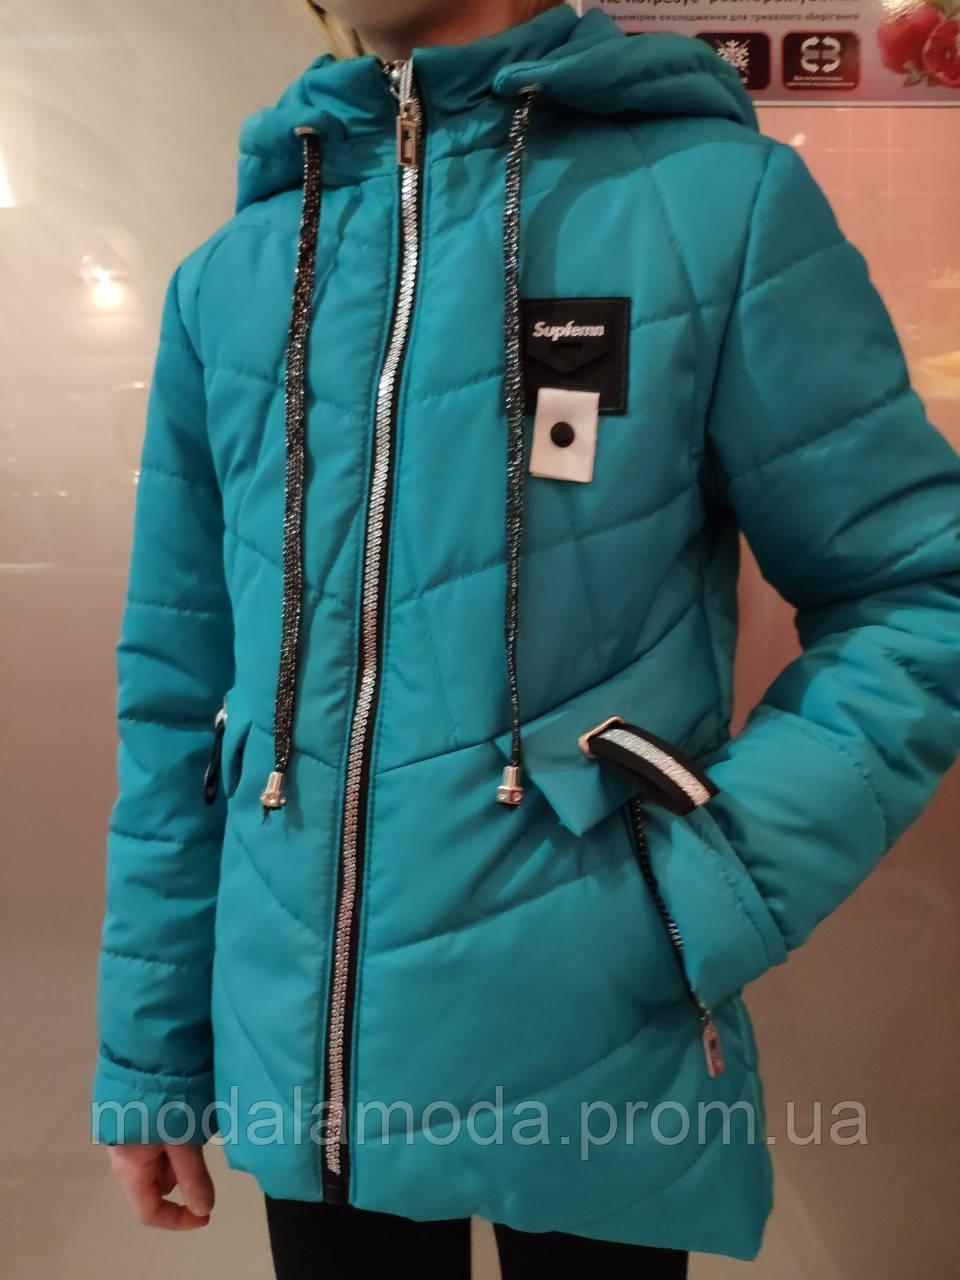 Прошытая куртка для девочек с брошкой стрикоза